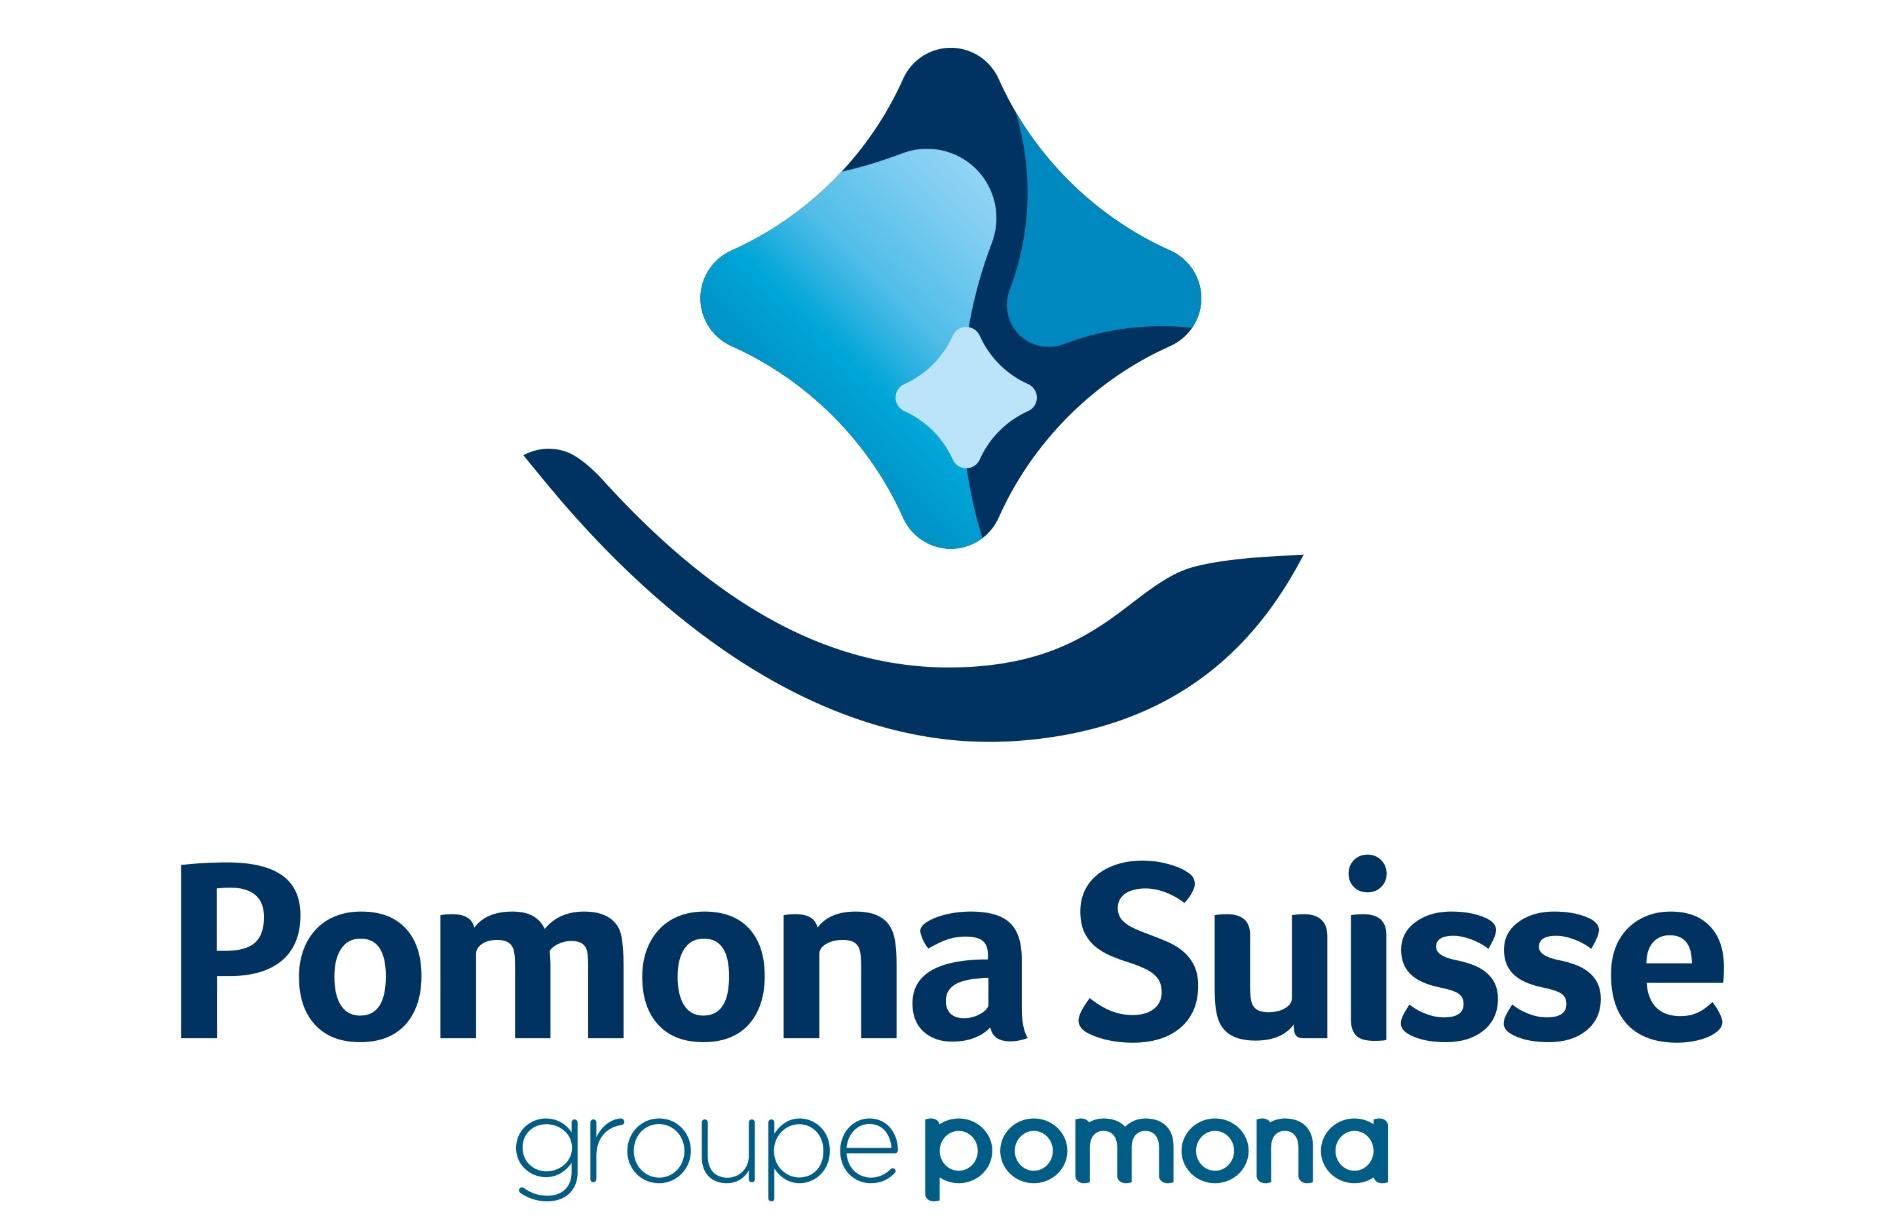 Pomona Suisse groupe pomona